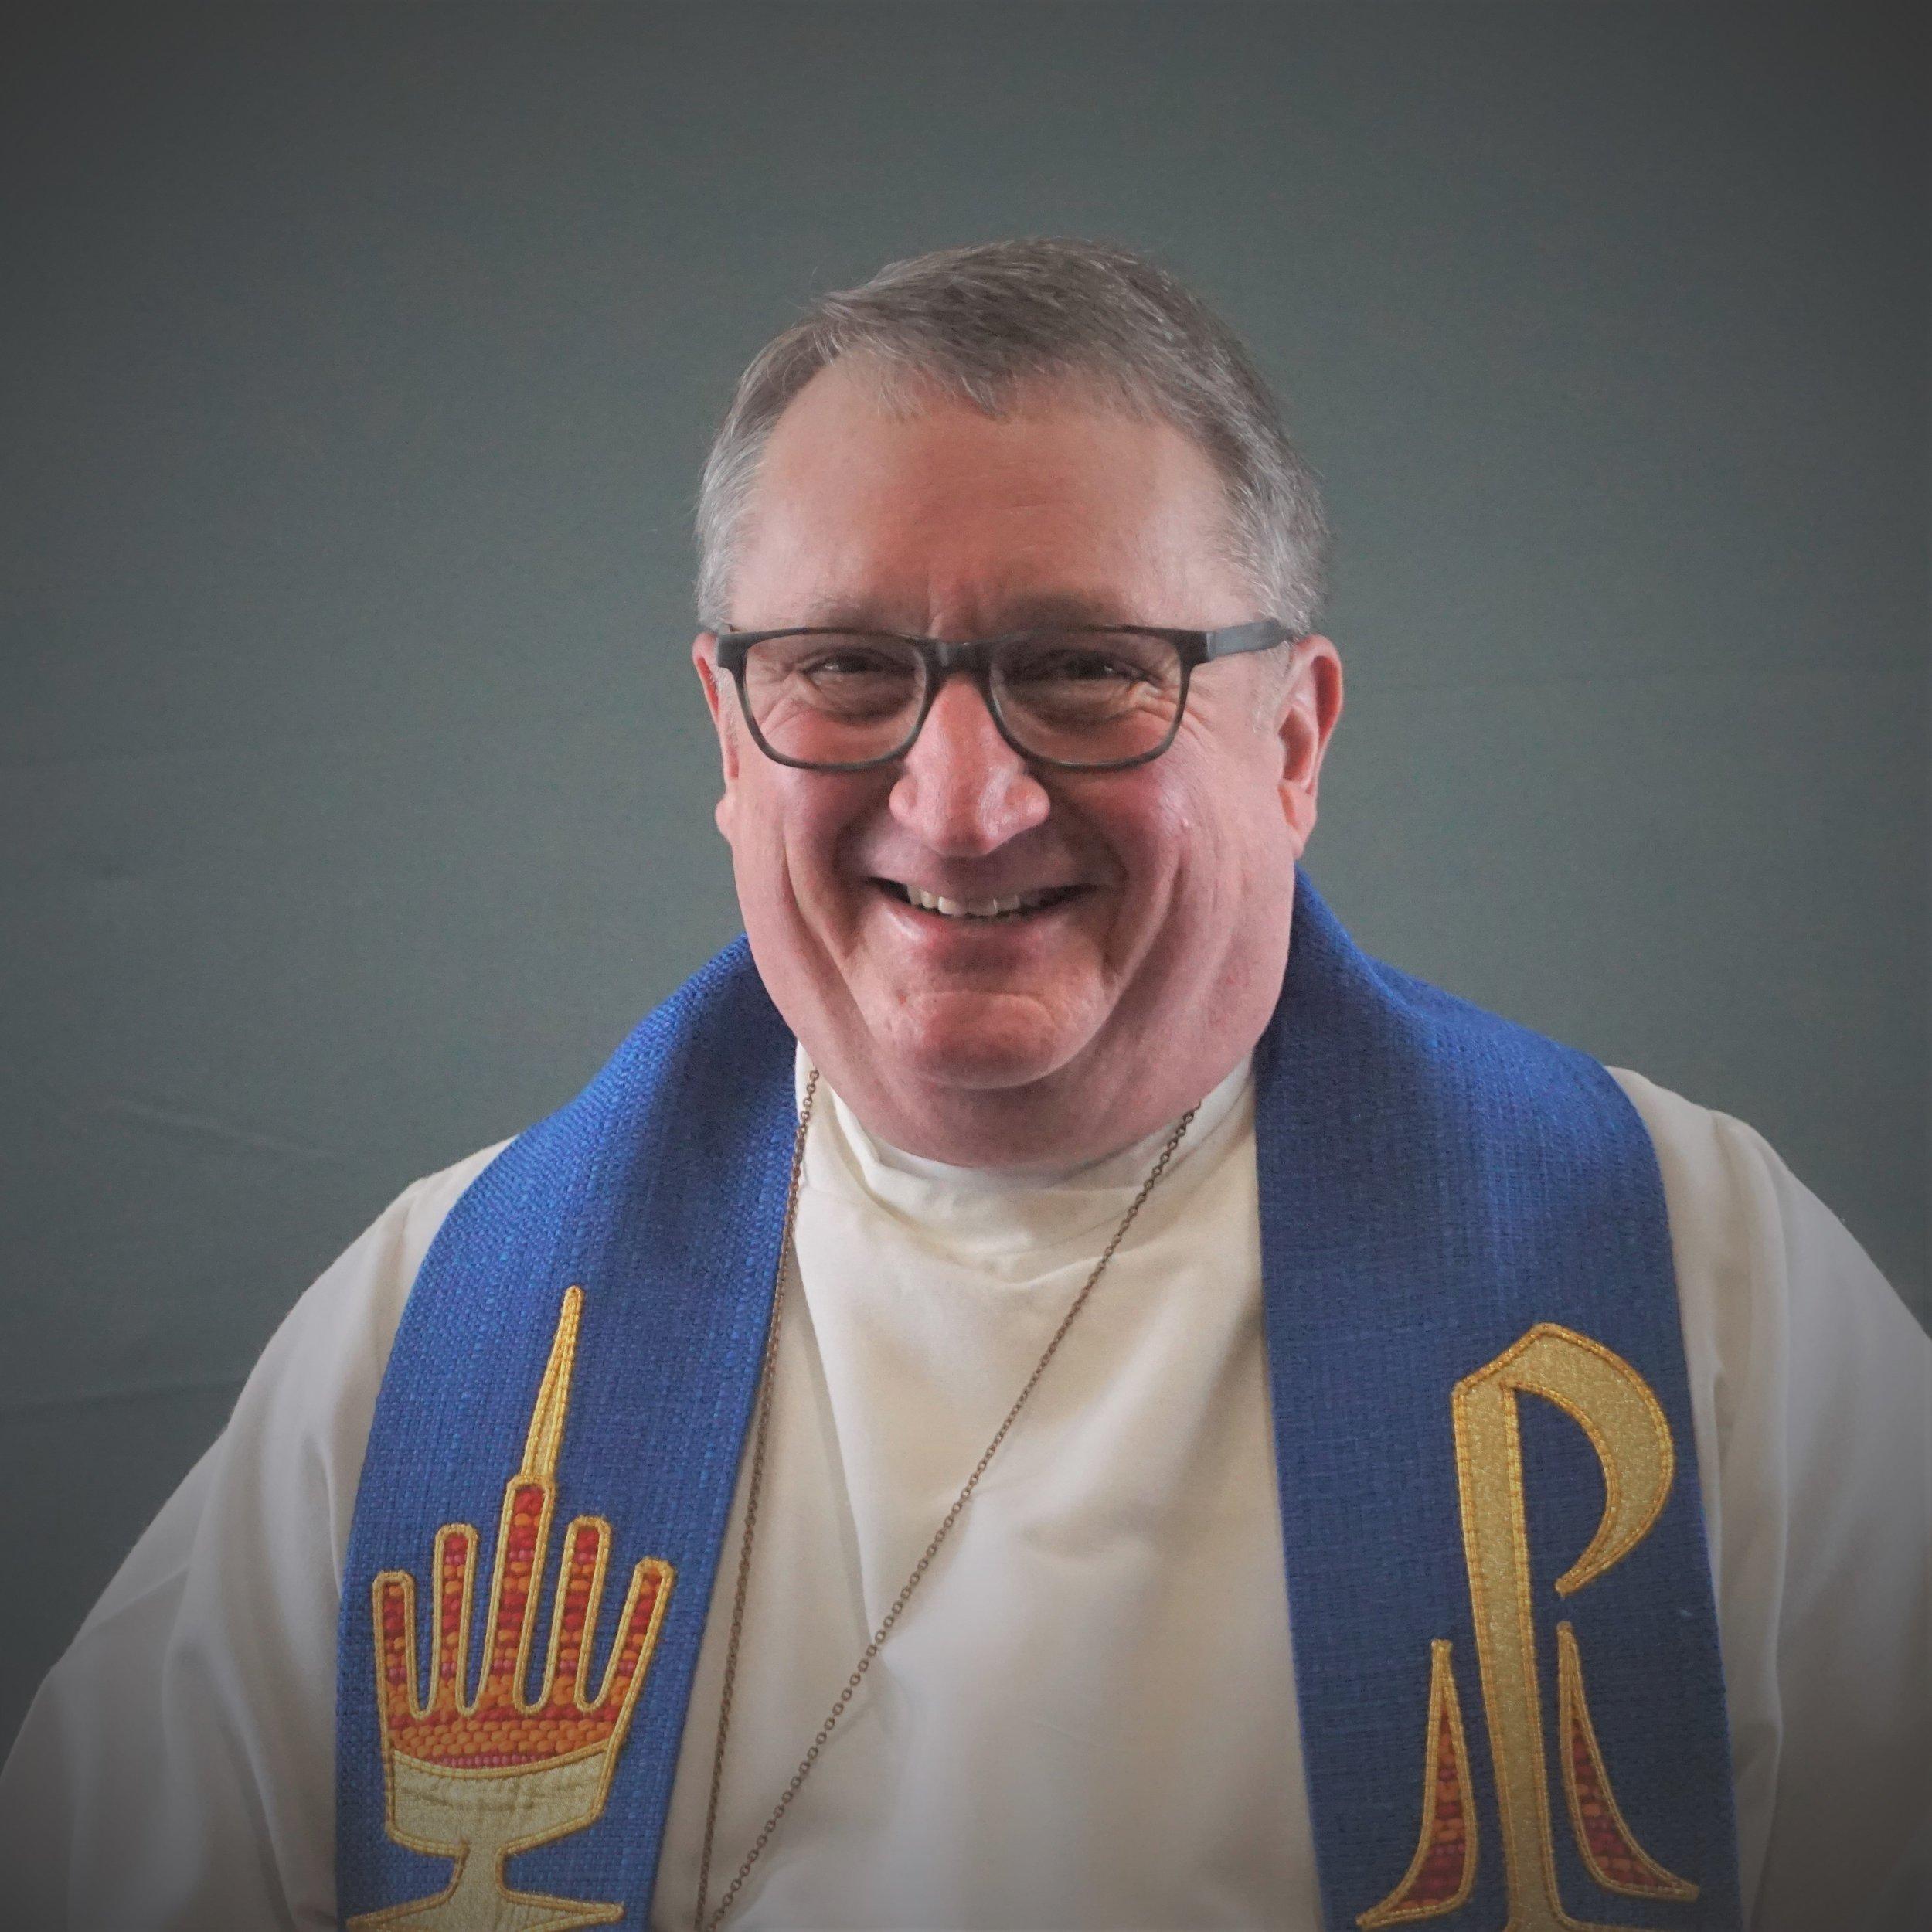 Pastor Mark Rollenhagen - Senior Pastor